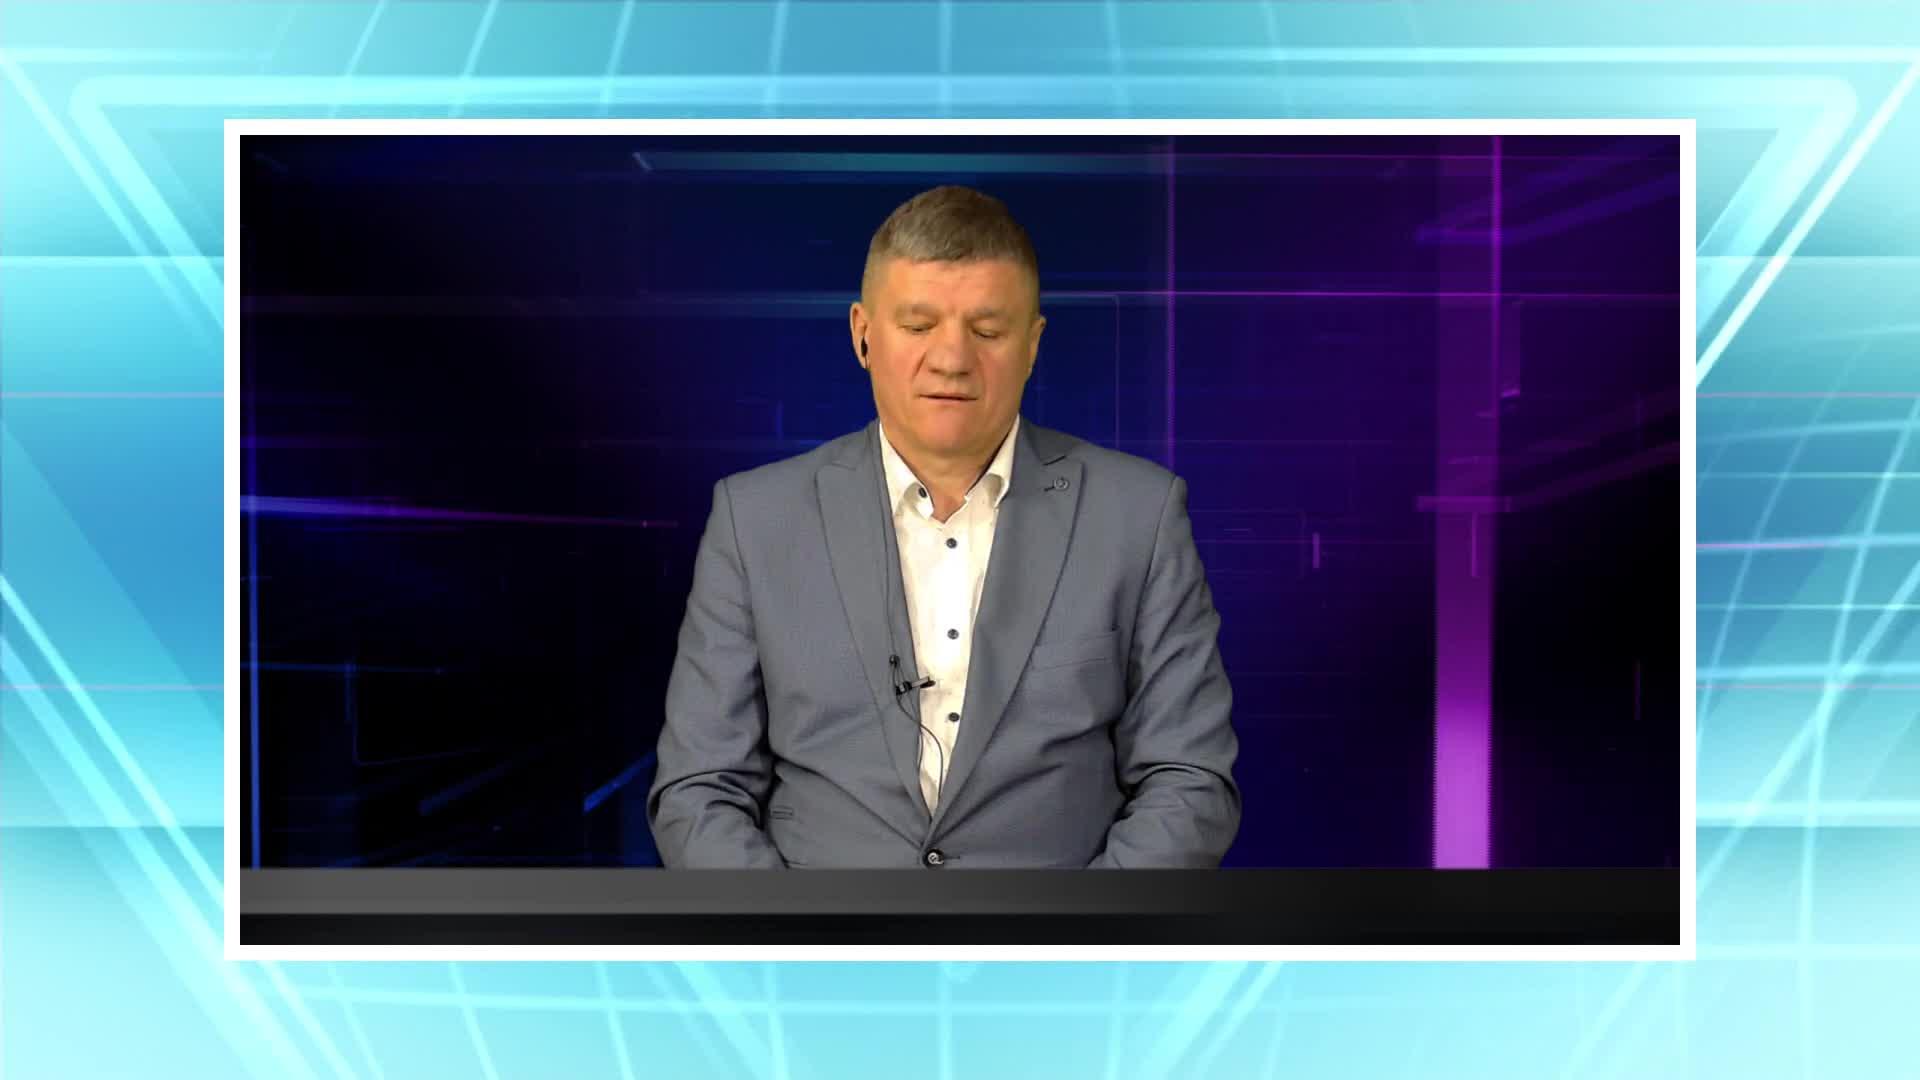 Rozmowa w TVPowiat - Krzysztof Rusinek